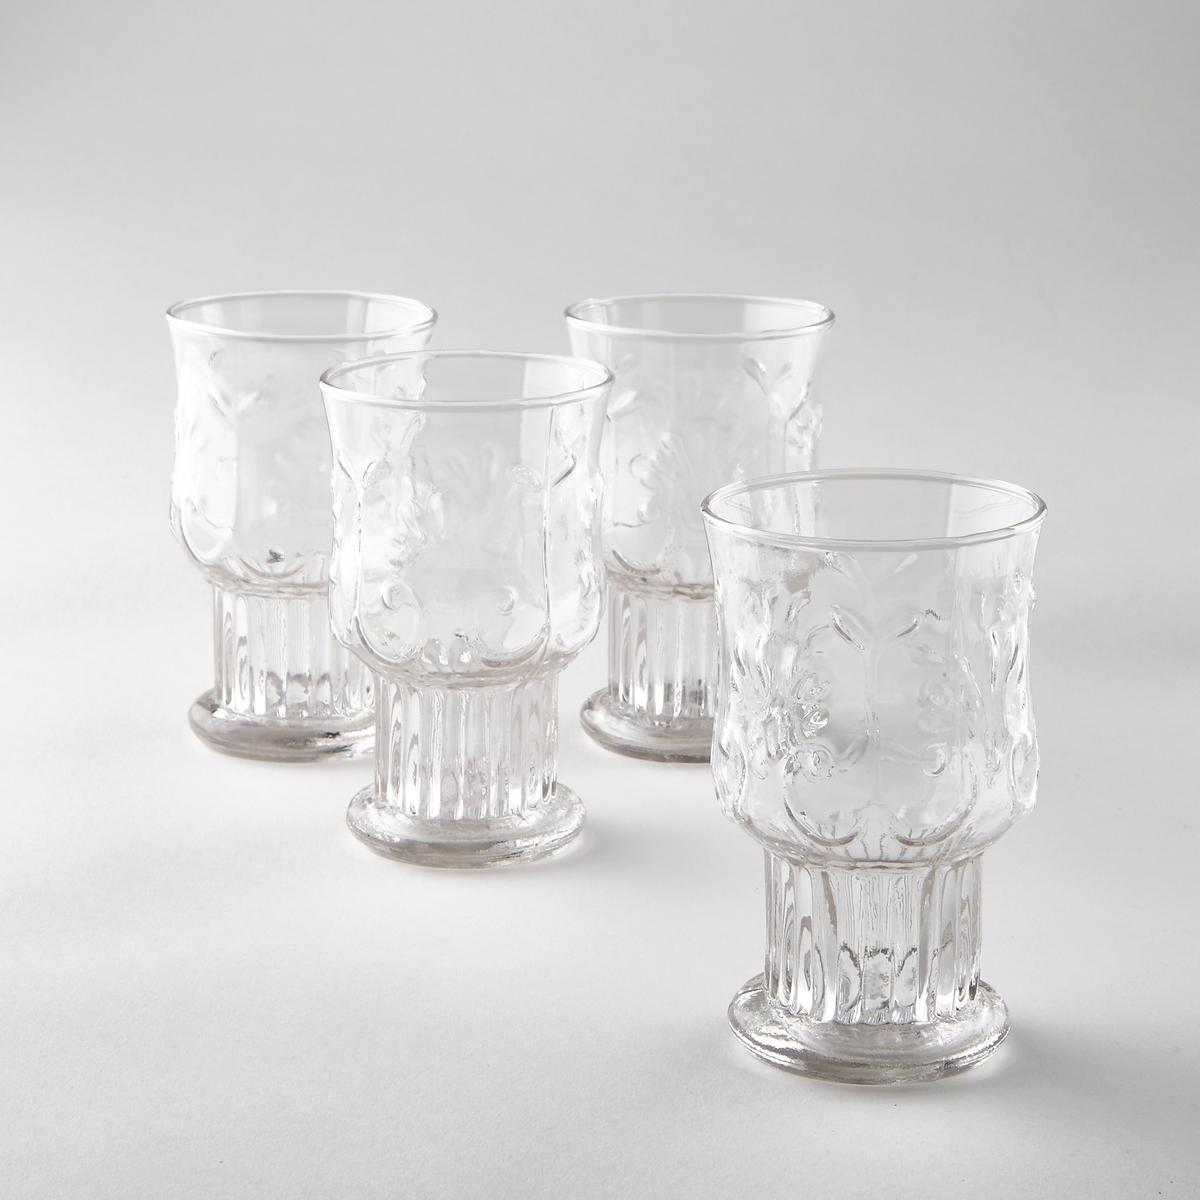 Комплект из 4 бокалов для воды Uzzeni4 бокала для воды Uzzeni. Красивый рисунок арабеска, широкая удобная ножка. Из стекла. Размеры: диаметр вверху 7,8, диаметр внизу 5,5 x высота 12,8 см.<br><br>Цвет: прозрачный